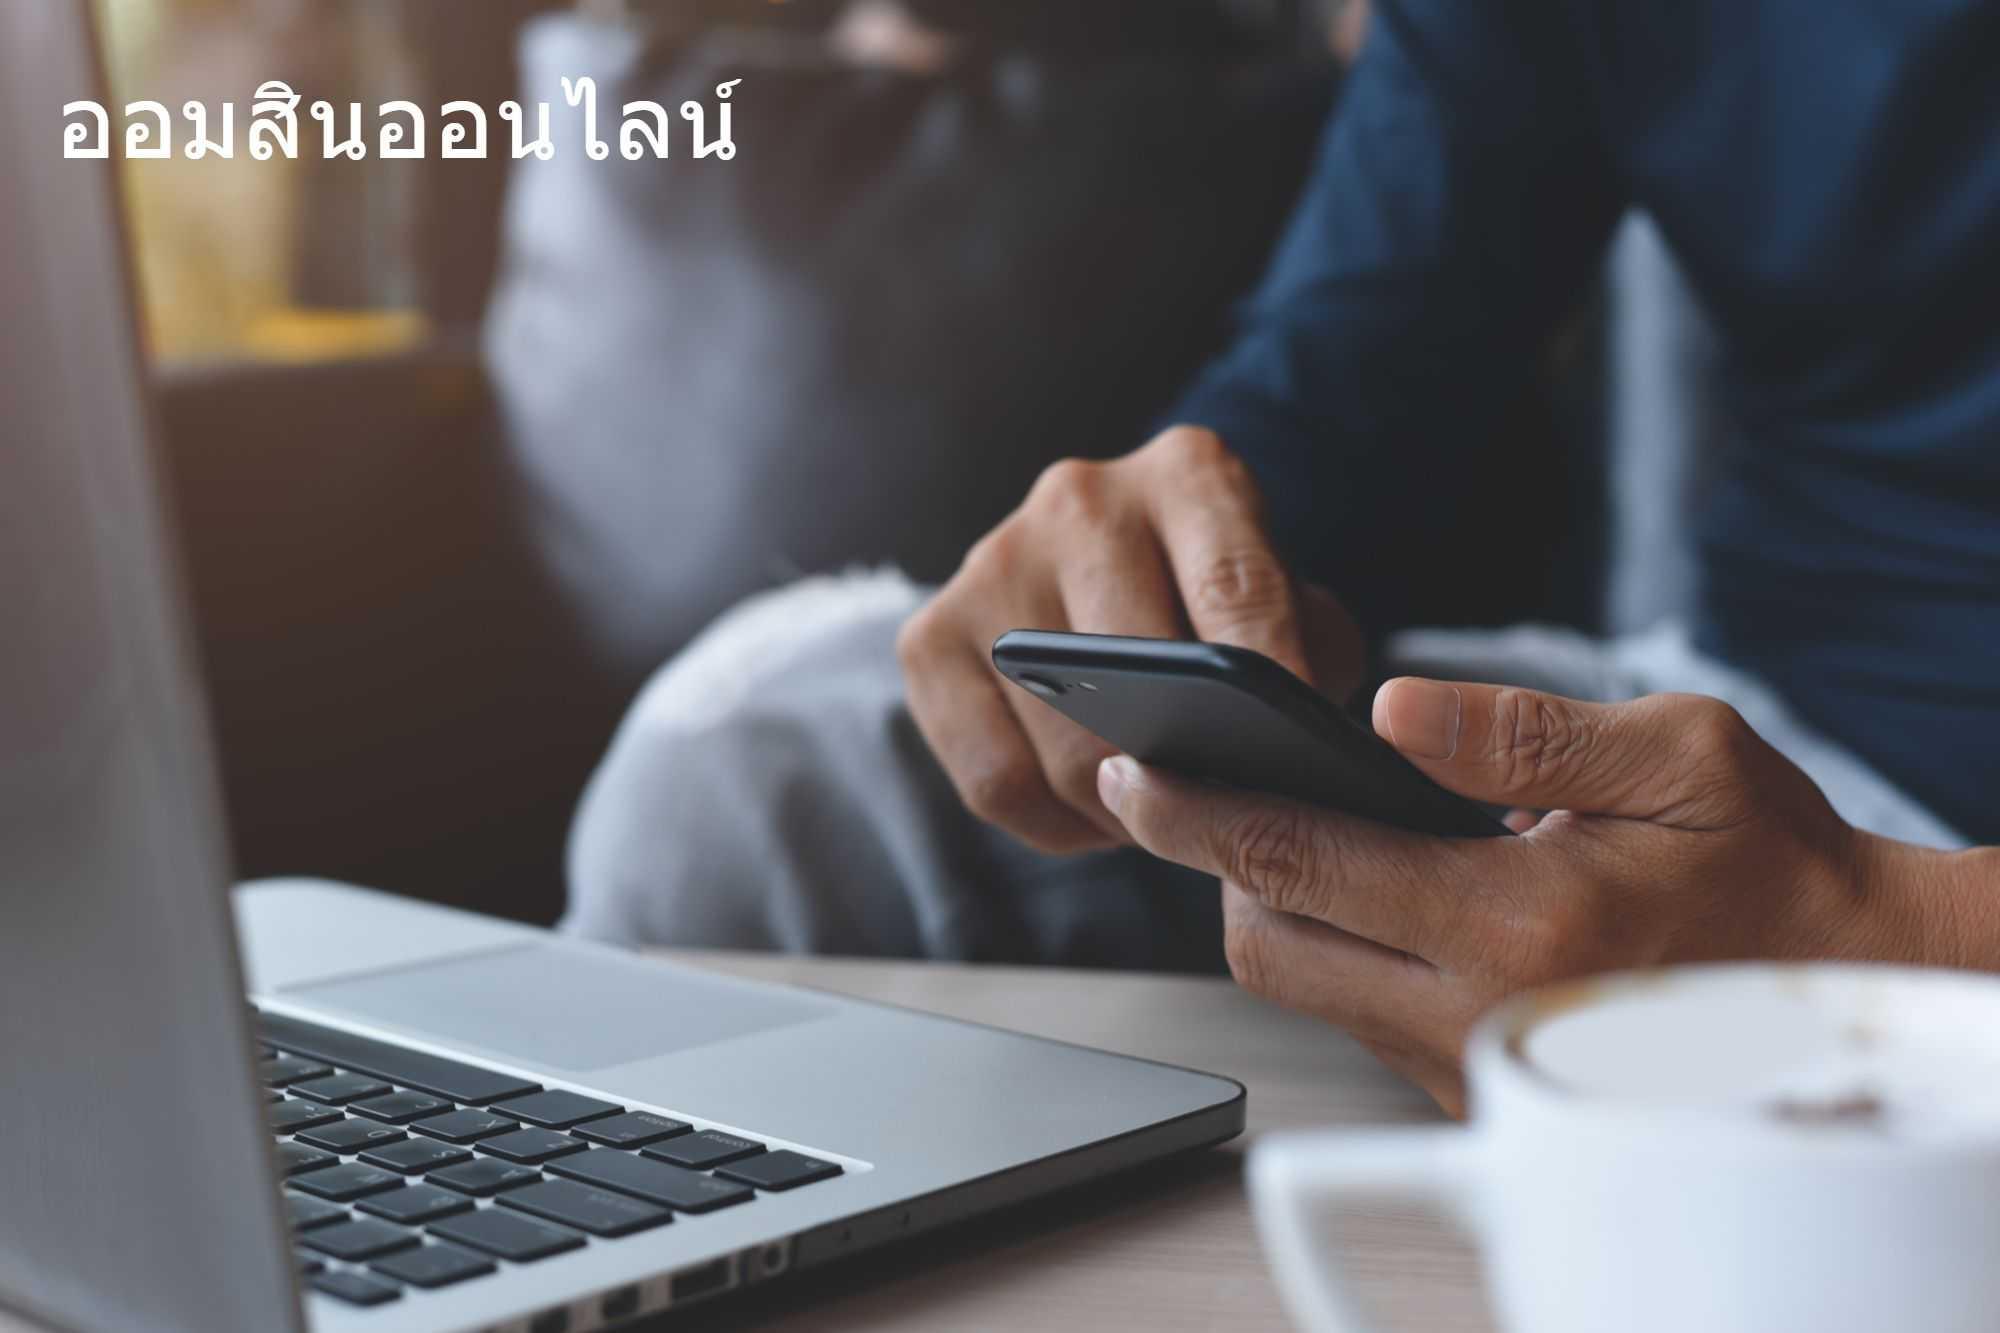 อะไรคือออมสินออนไลน์ พร้อมวิธีติดต่อธนาคารออมสินออนไลน์ปี 2564